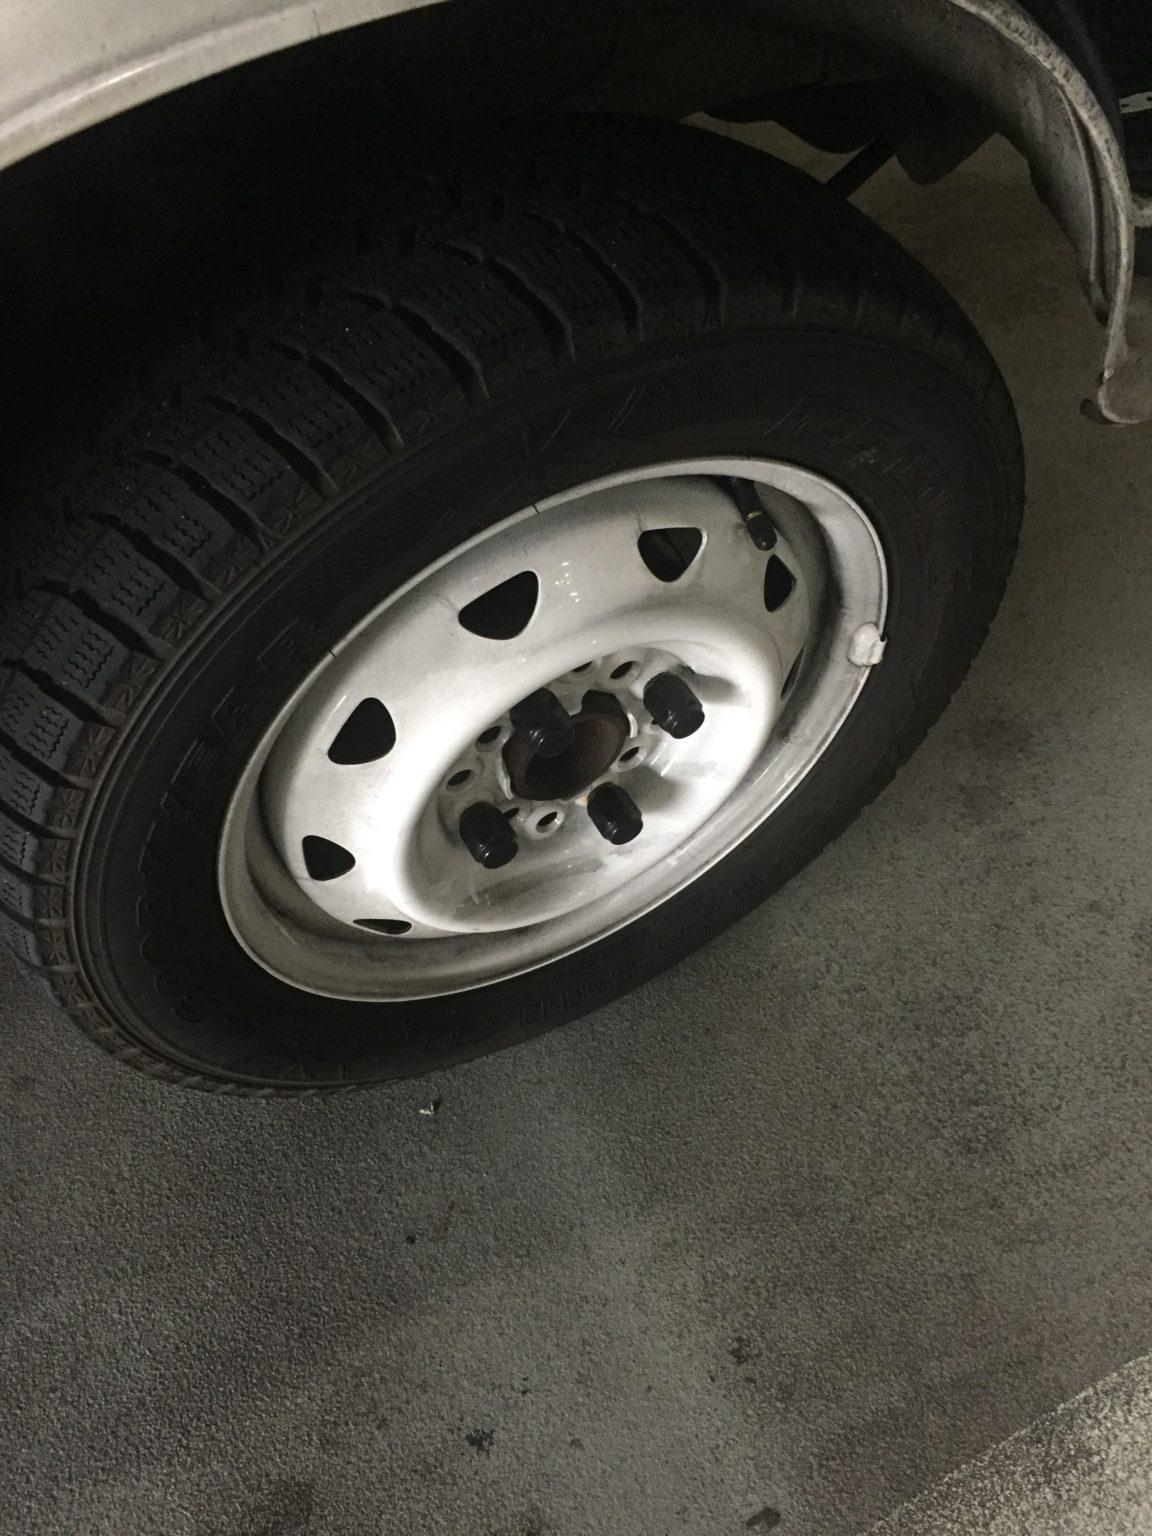 冬用タイヤを軽貨物の配送専門ブログで語る。